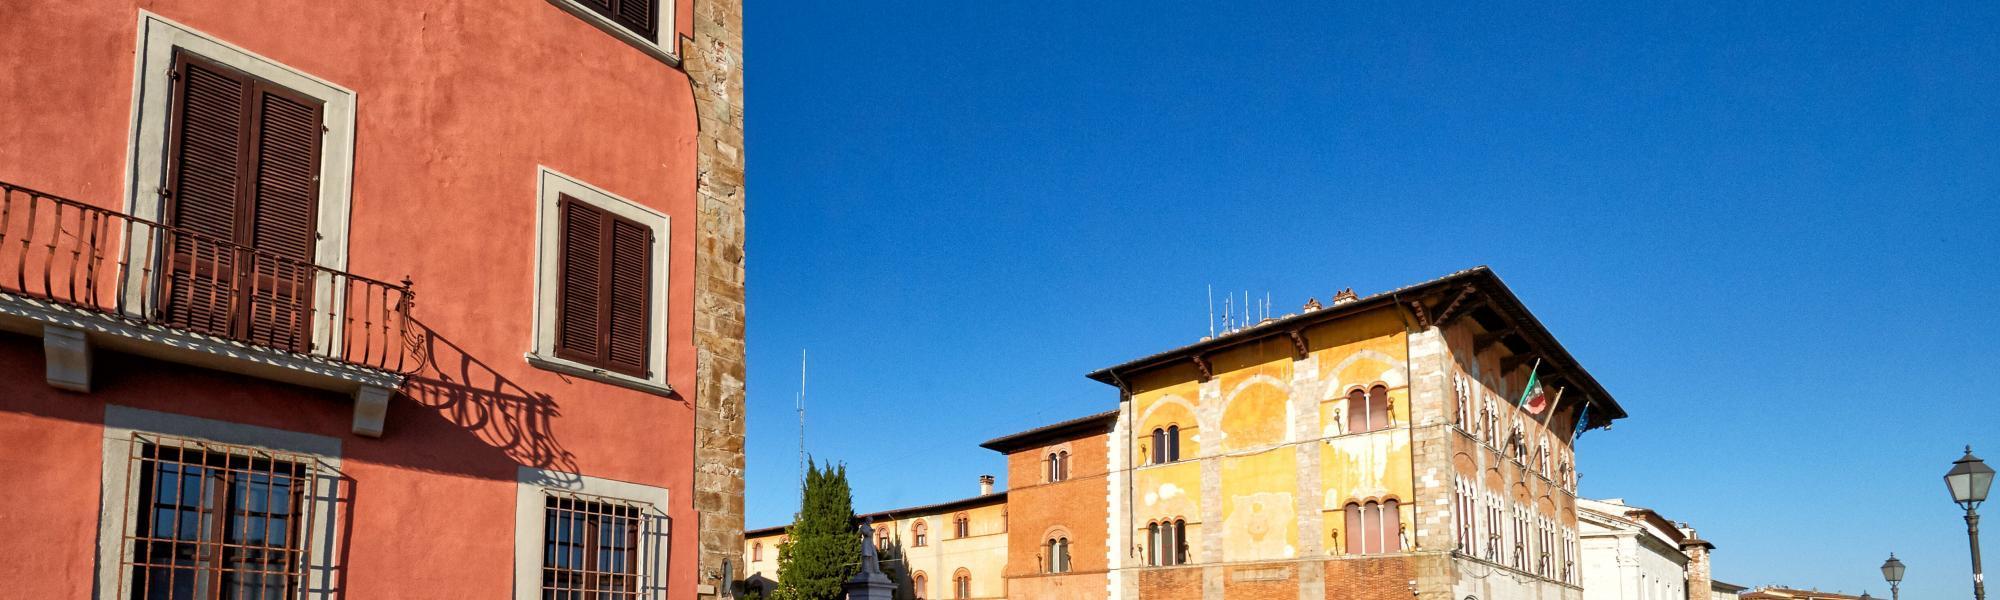 Lungarno Mediceo, all'altezza di Piazza Mazzini (M. Cerrai, Comune di Pisa)